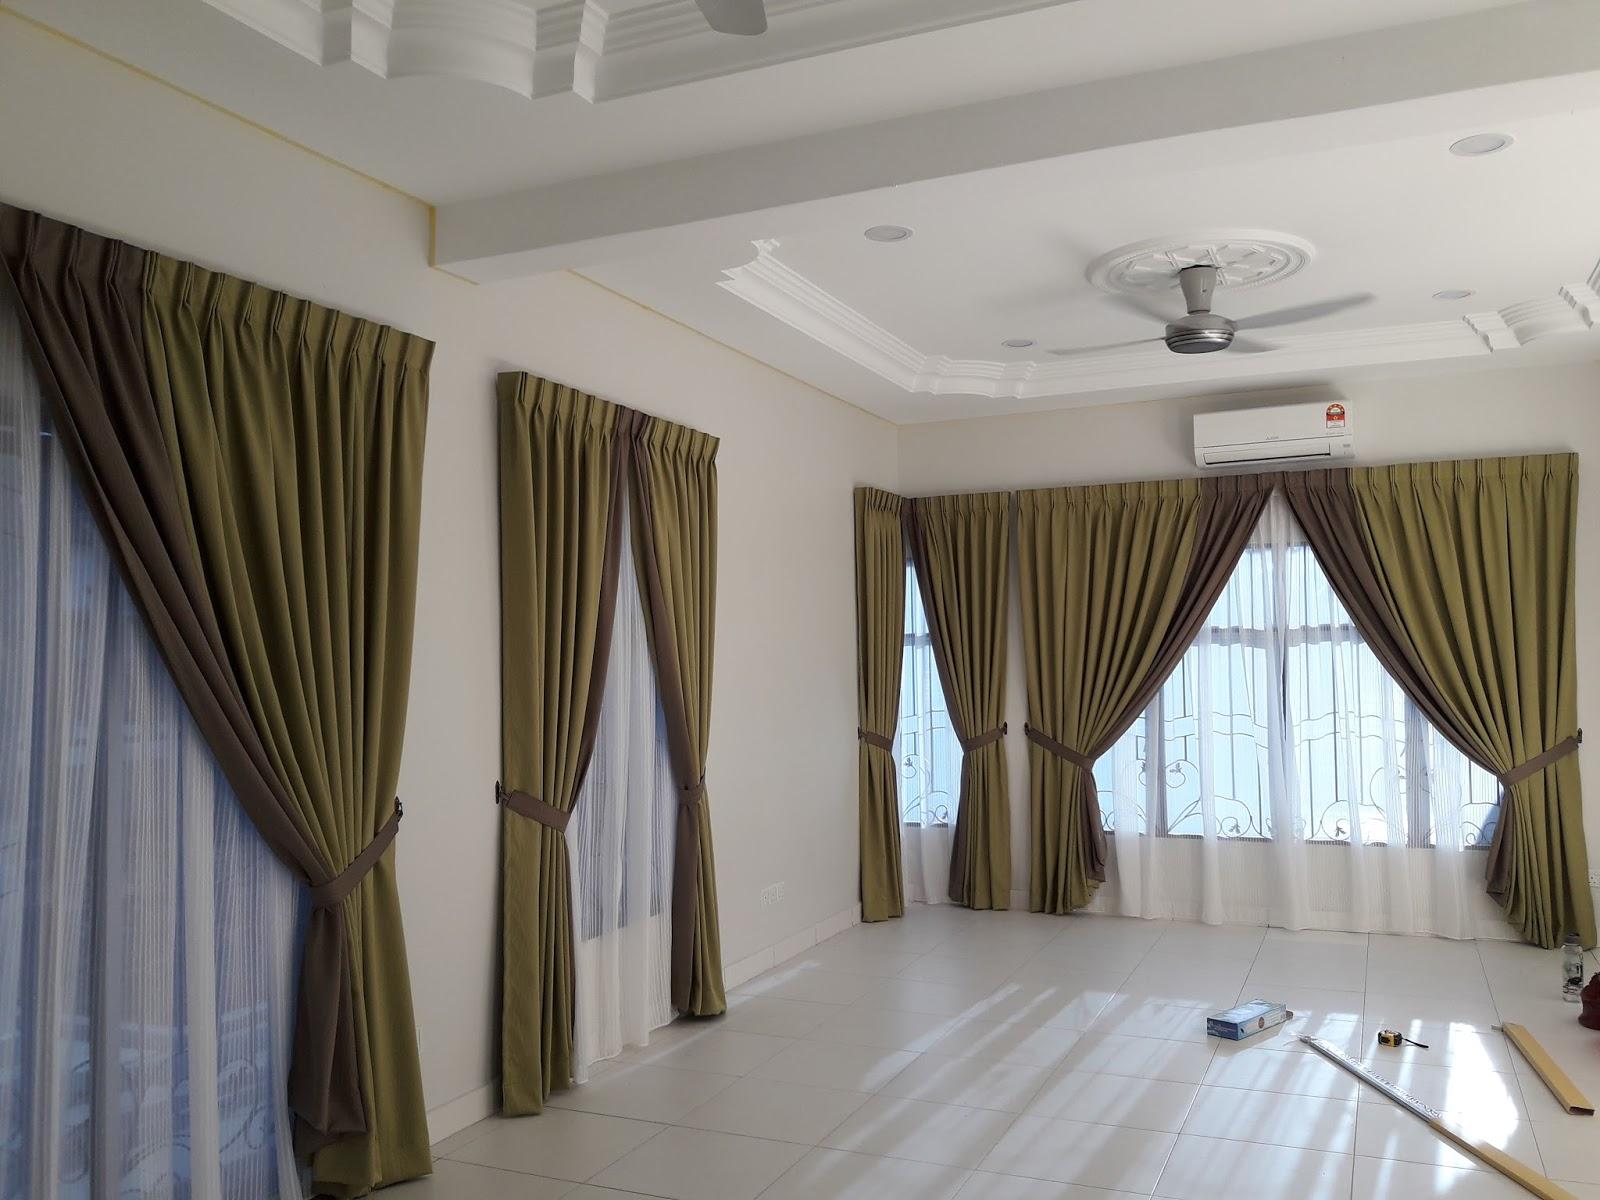 Tukang jahit langsir..rumah baru 2017 | SABA TAILOR & TRADING - Baju & Langsir Bajet